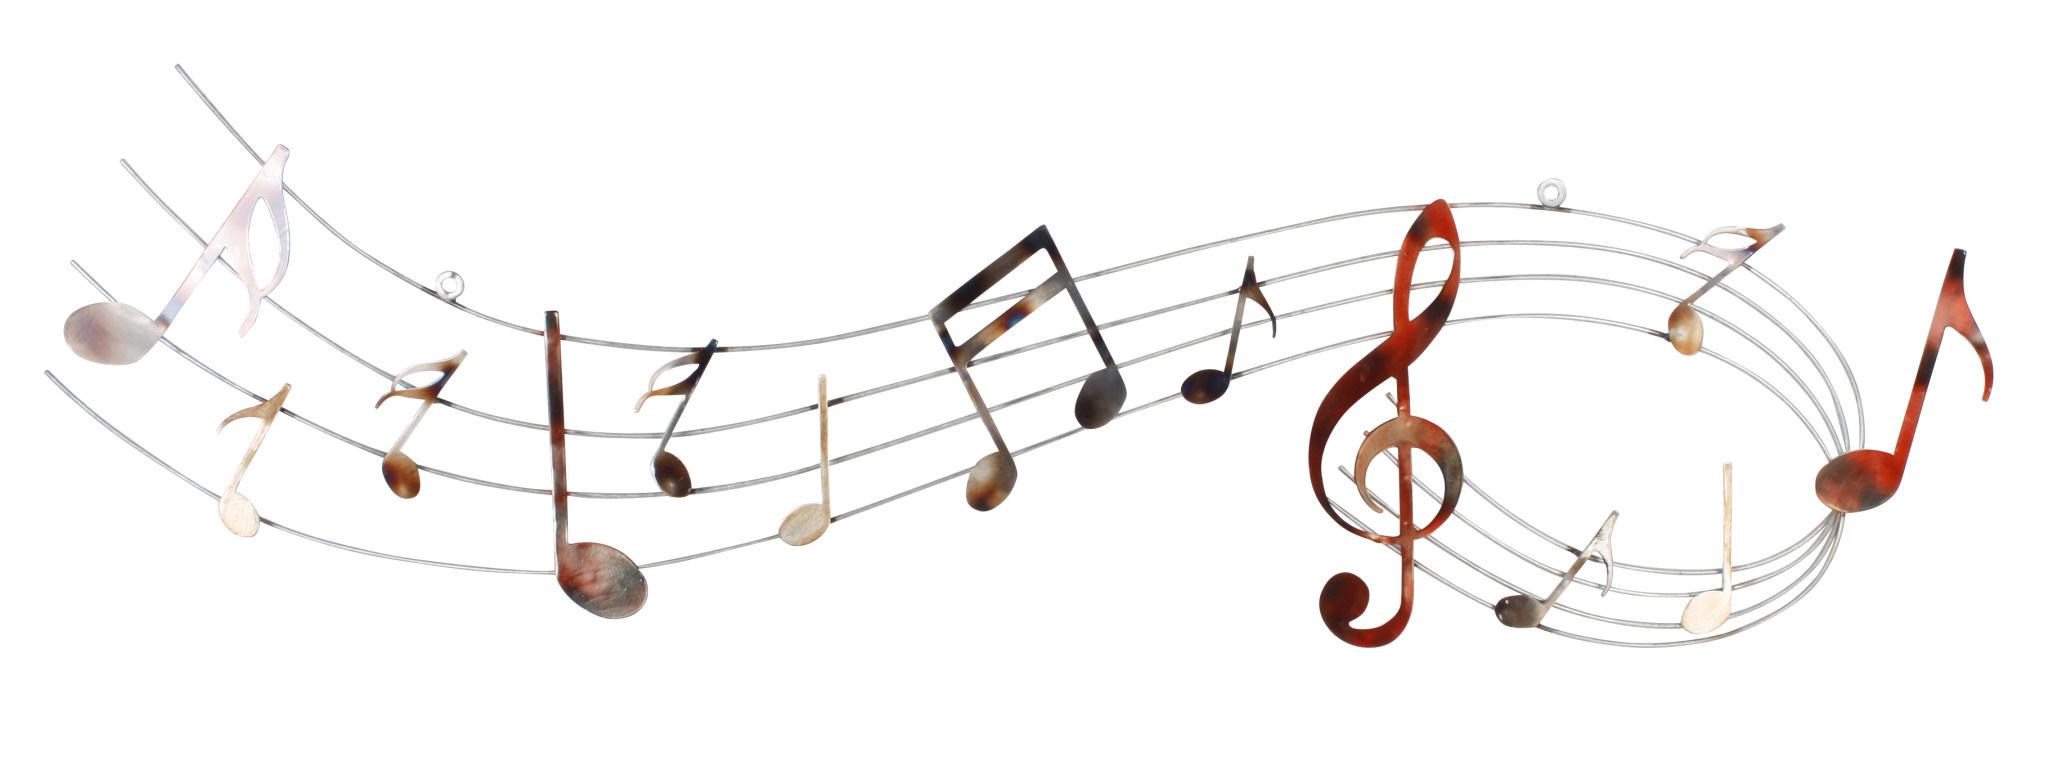 Muurdecoratie 3d muziekbalk met sleutel 120cm - Eliassen - Eliassen Home &  Garden Pleasure